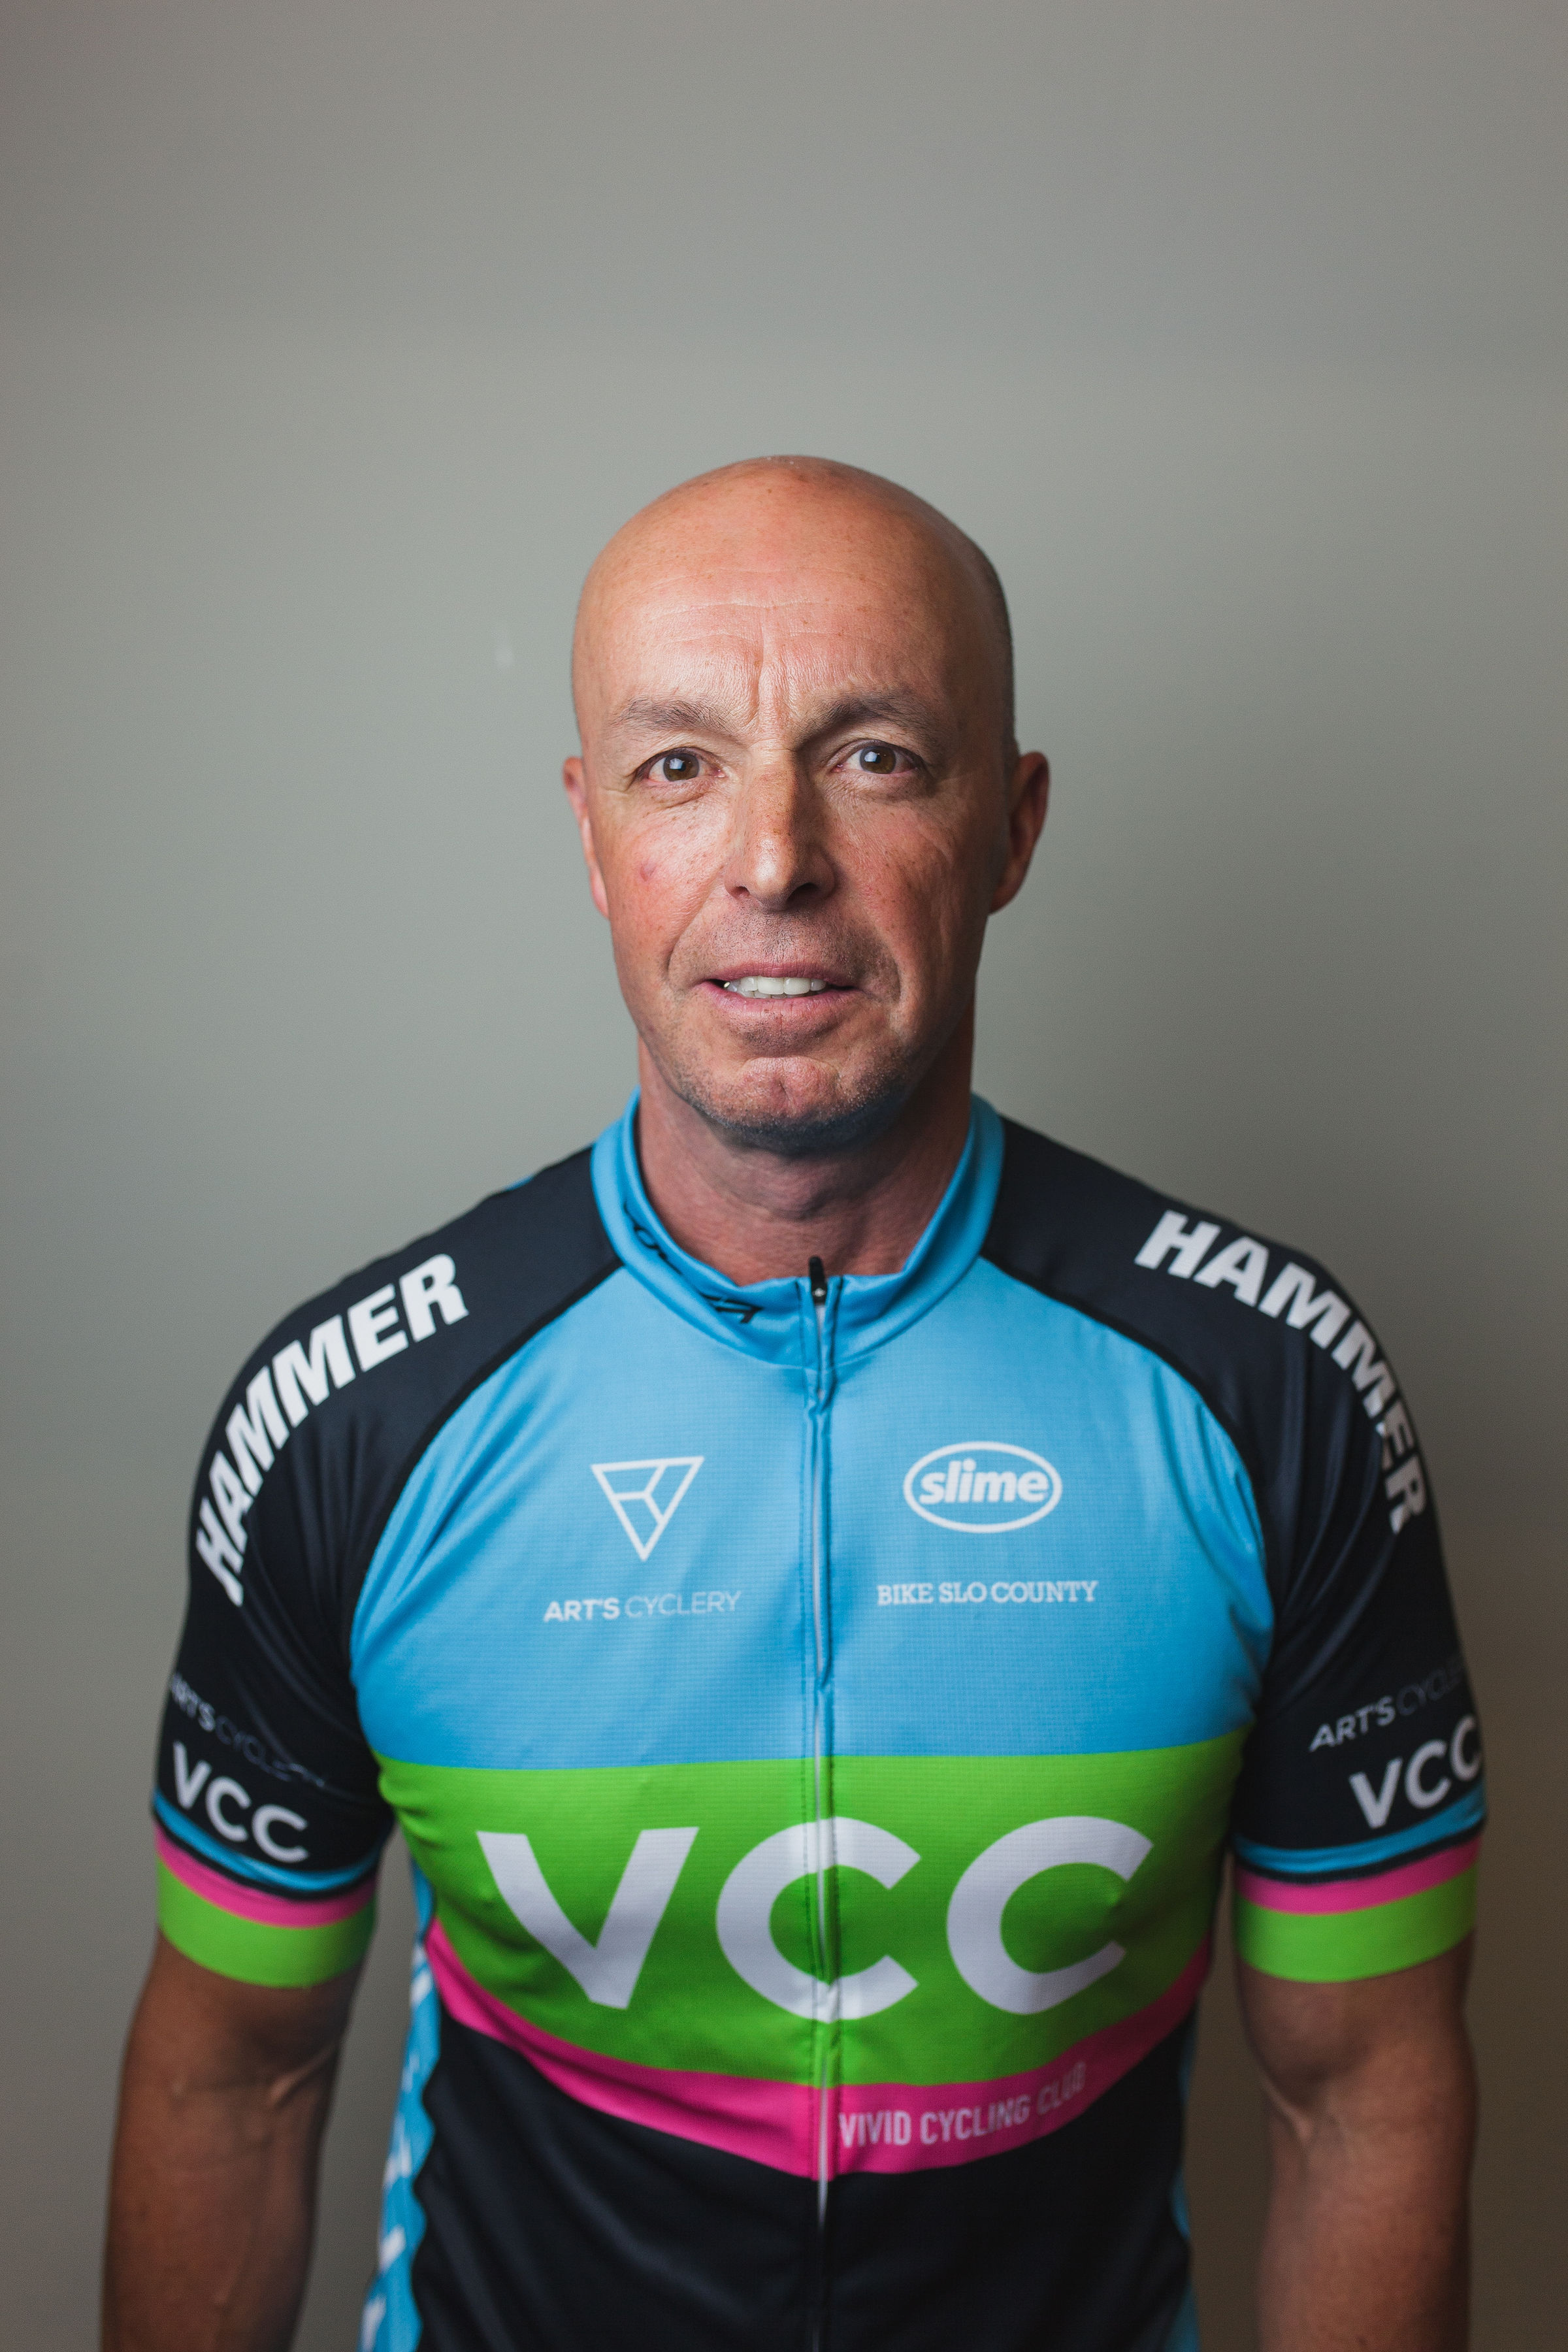 Joe Valencia